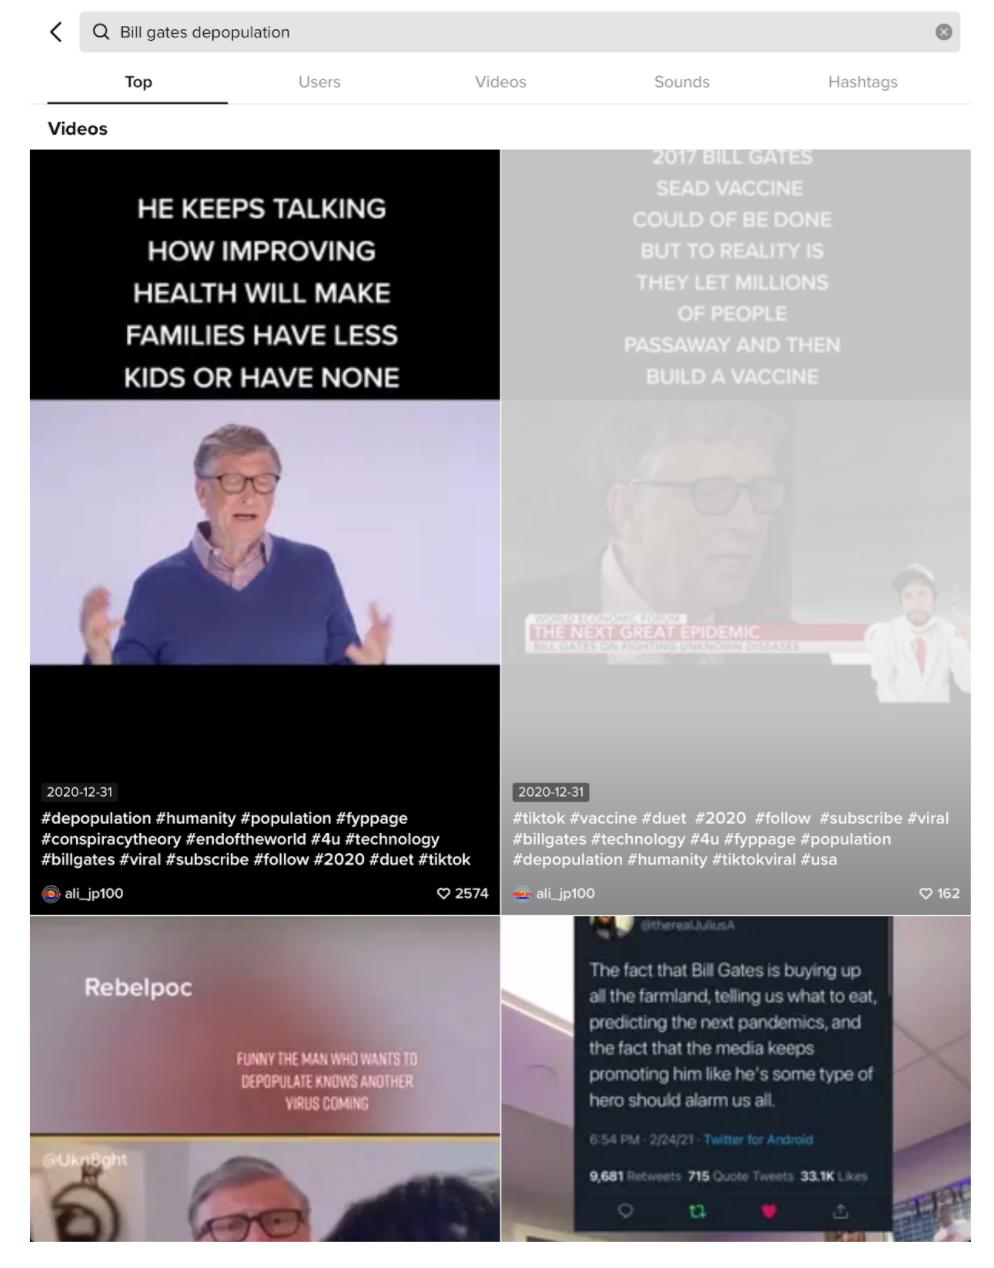 Bill Gates depopulation